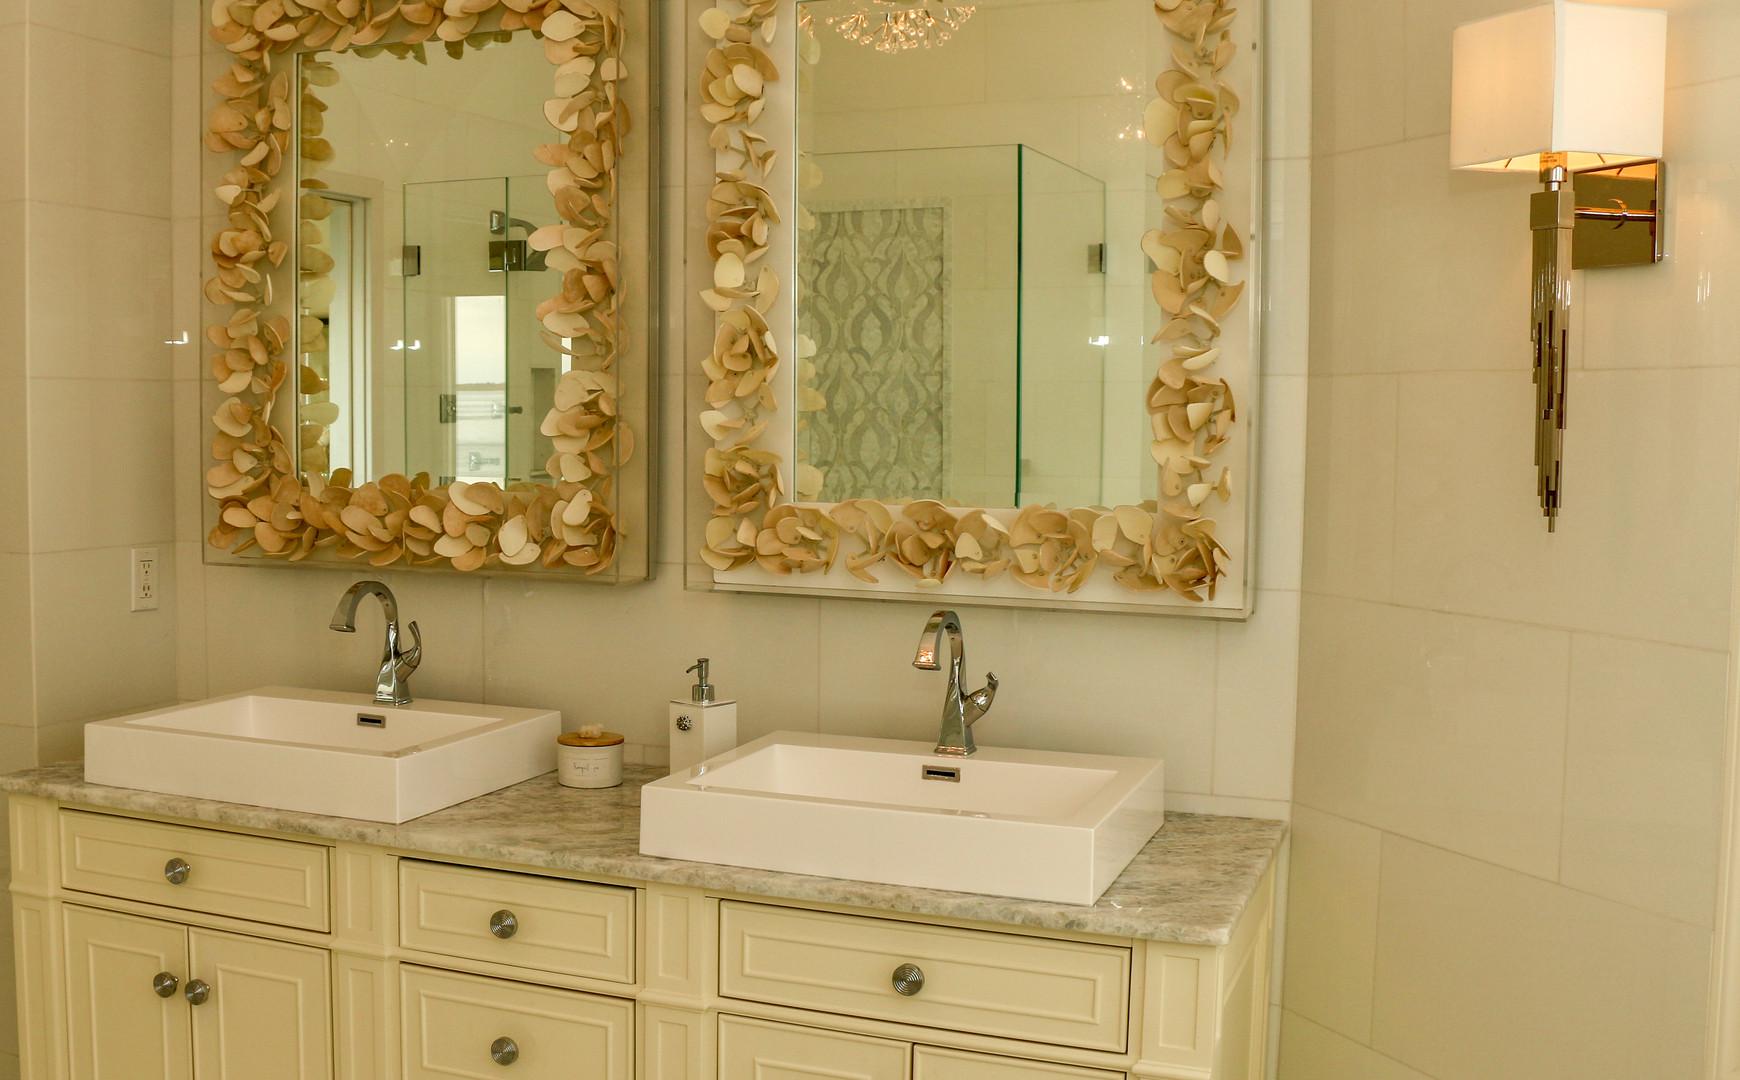 Coastal His-and-Her Bathroom Vanity.jpg